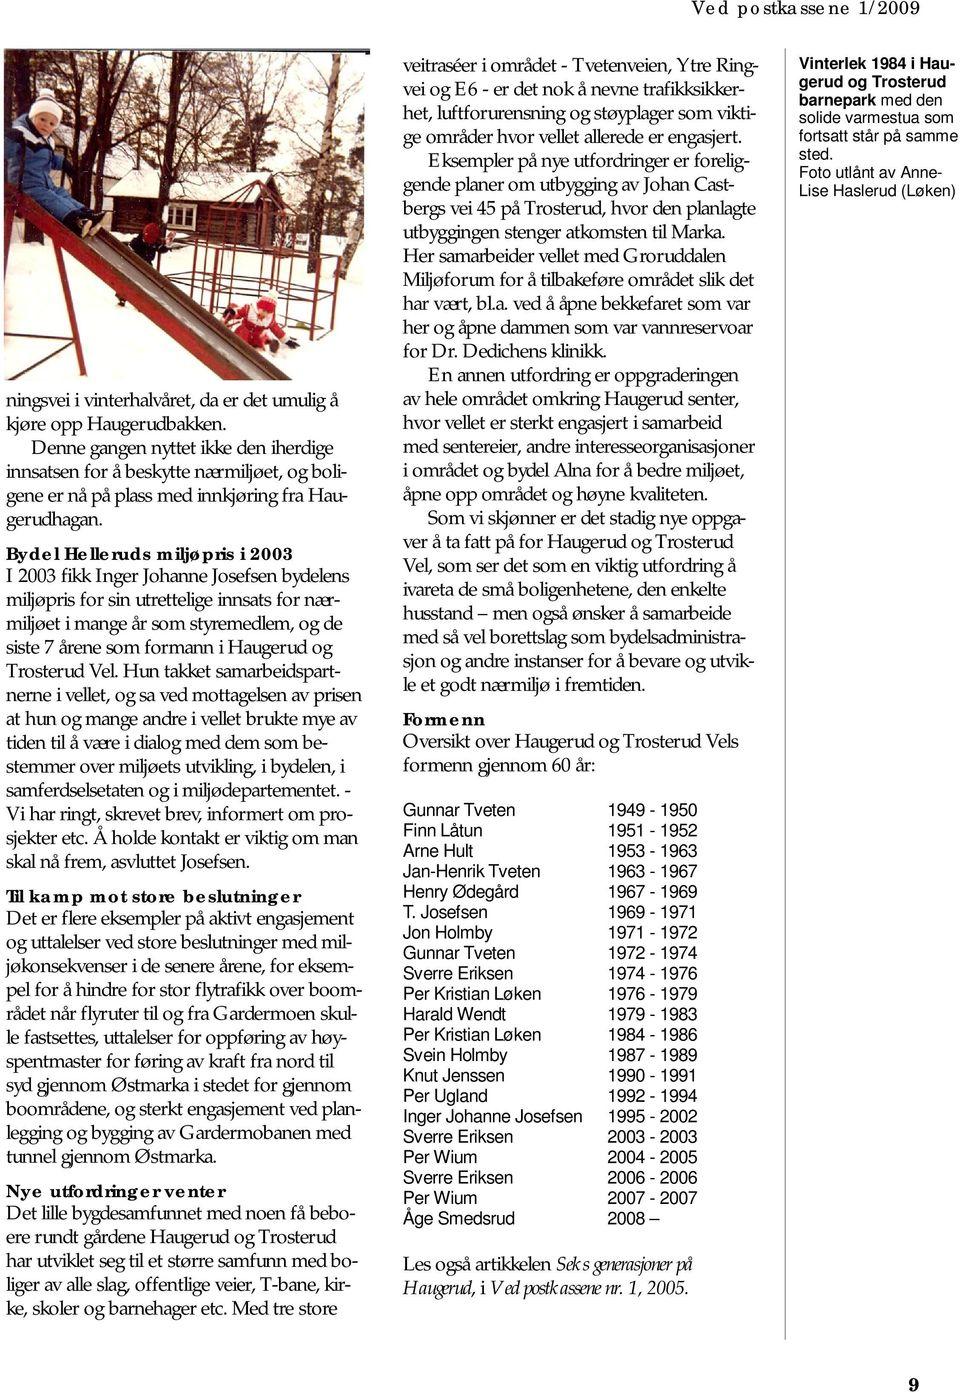 medium resolution of bydel helleruds milj pris i 2003 i 2003 fikk inger johanne josefsen bydelens milj pris for sin utrettelige